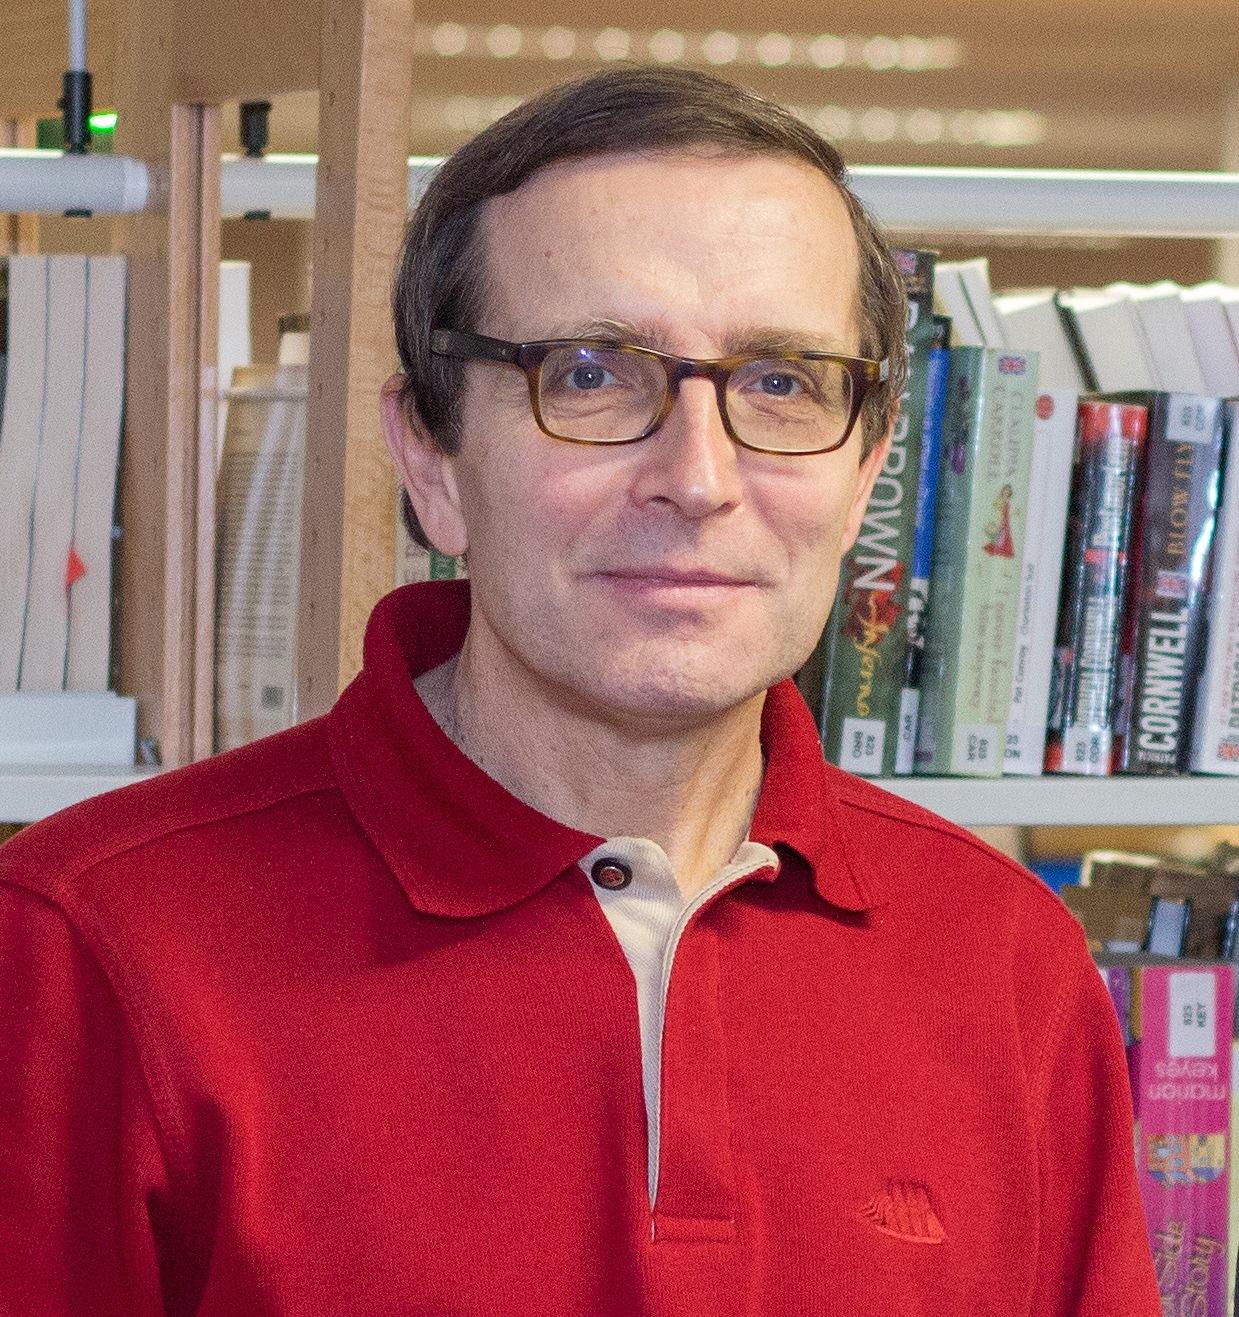 Eric Fimbel